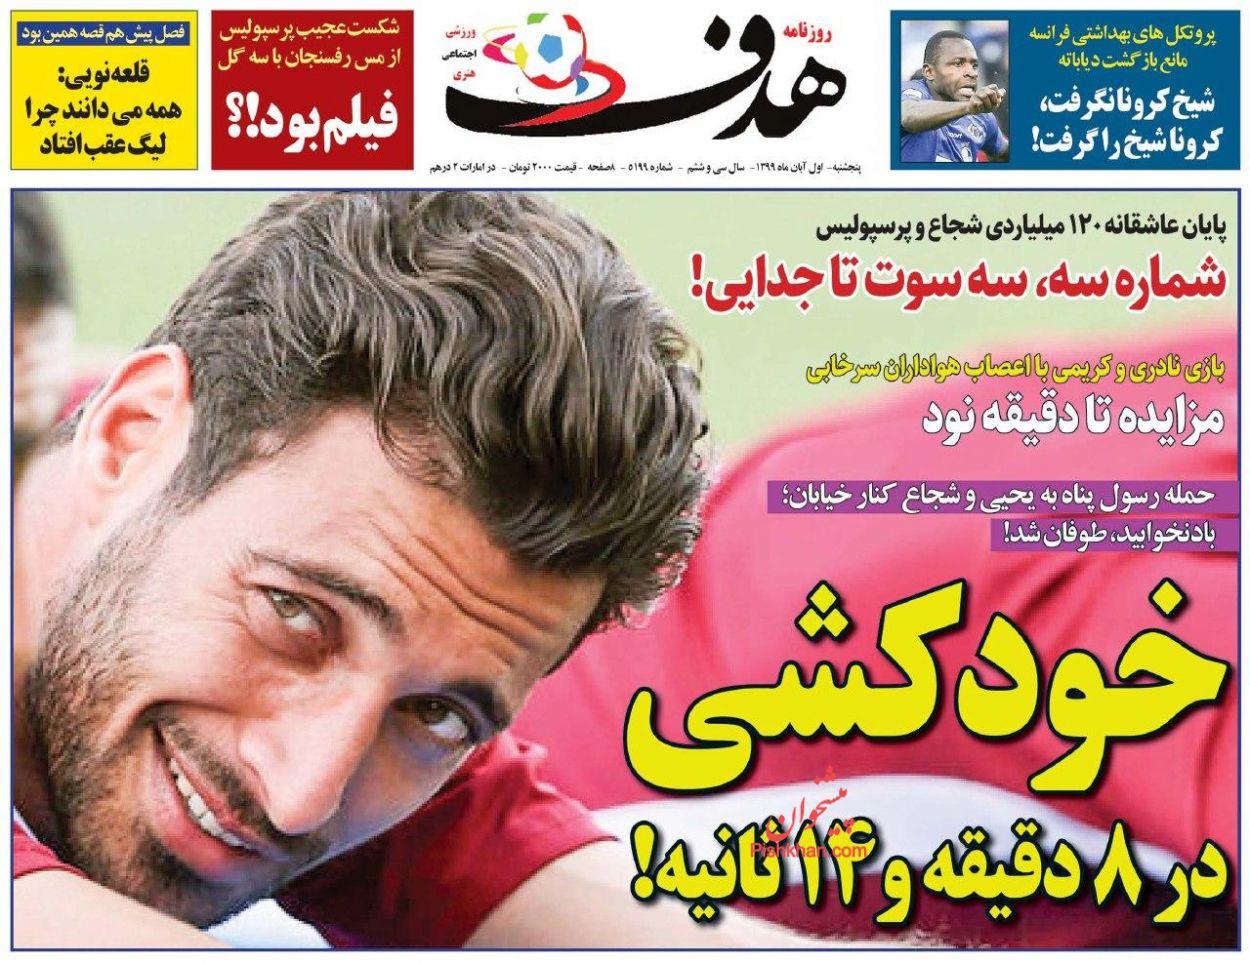 عناوین اخبار روزنامه هدف در روز پنجشنبه ۱ آبان